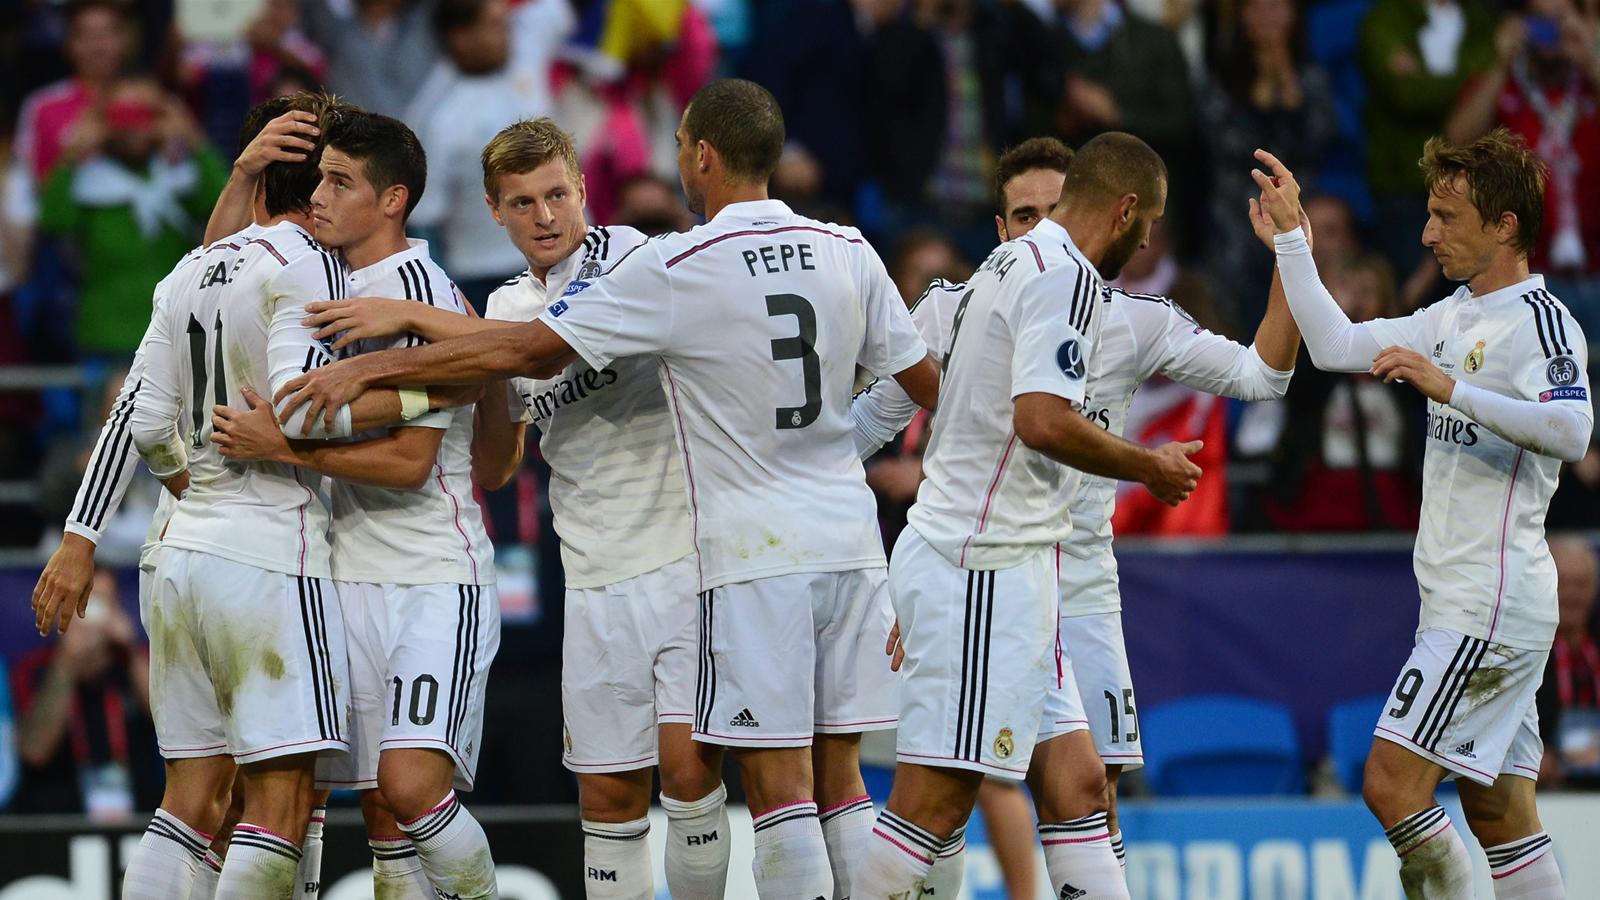 Real Madrid : Cette équipe va vite être rebaptisée le Régal Madrid